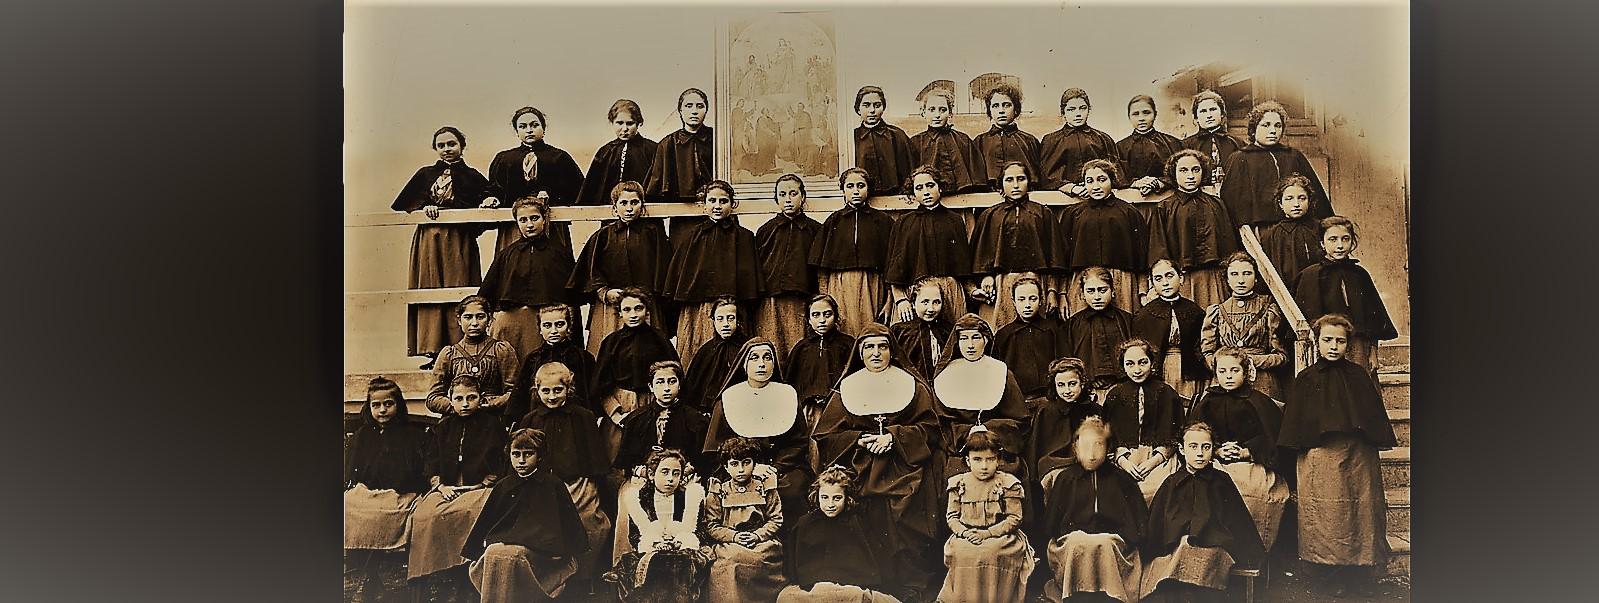 Il sito dell archivio storico di nizza figlie di maria for Sito storico